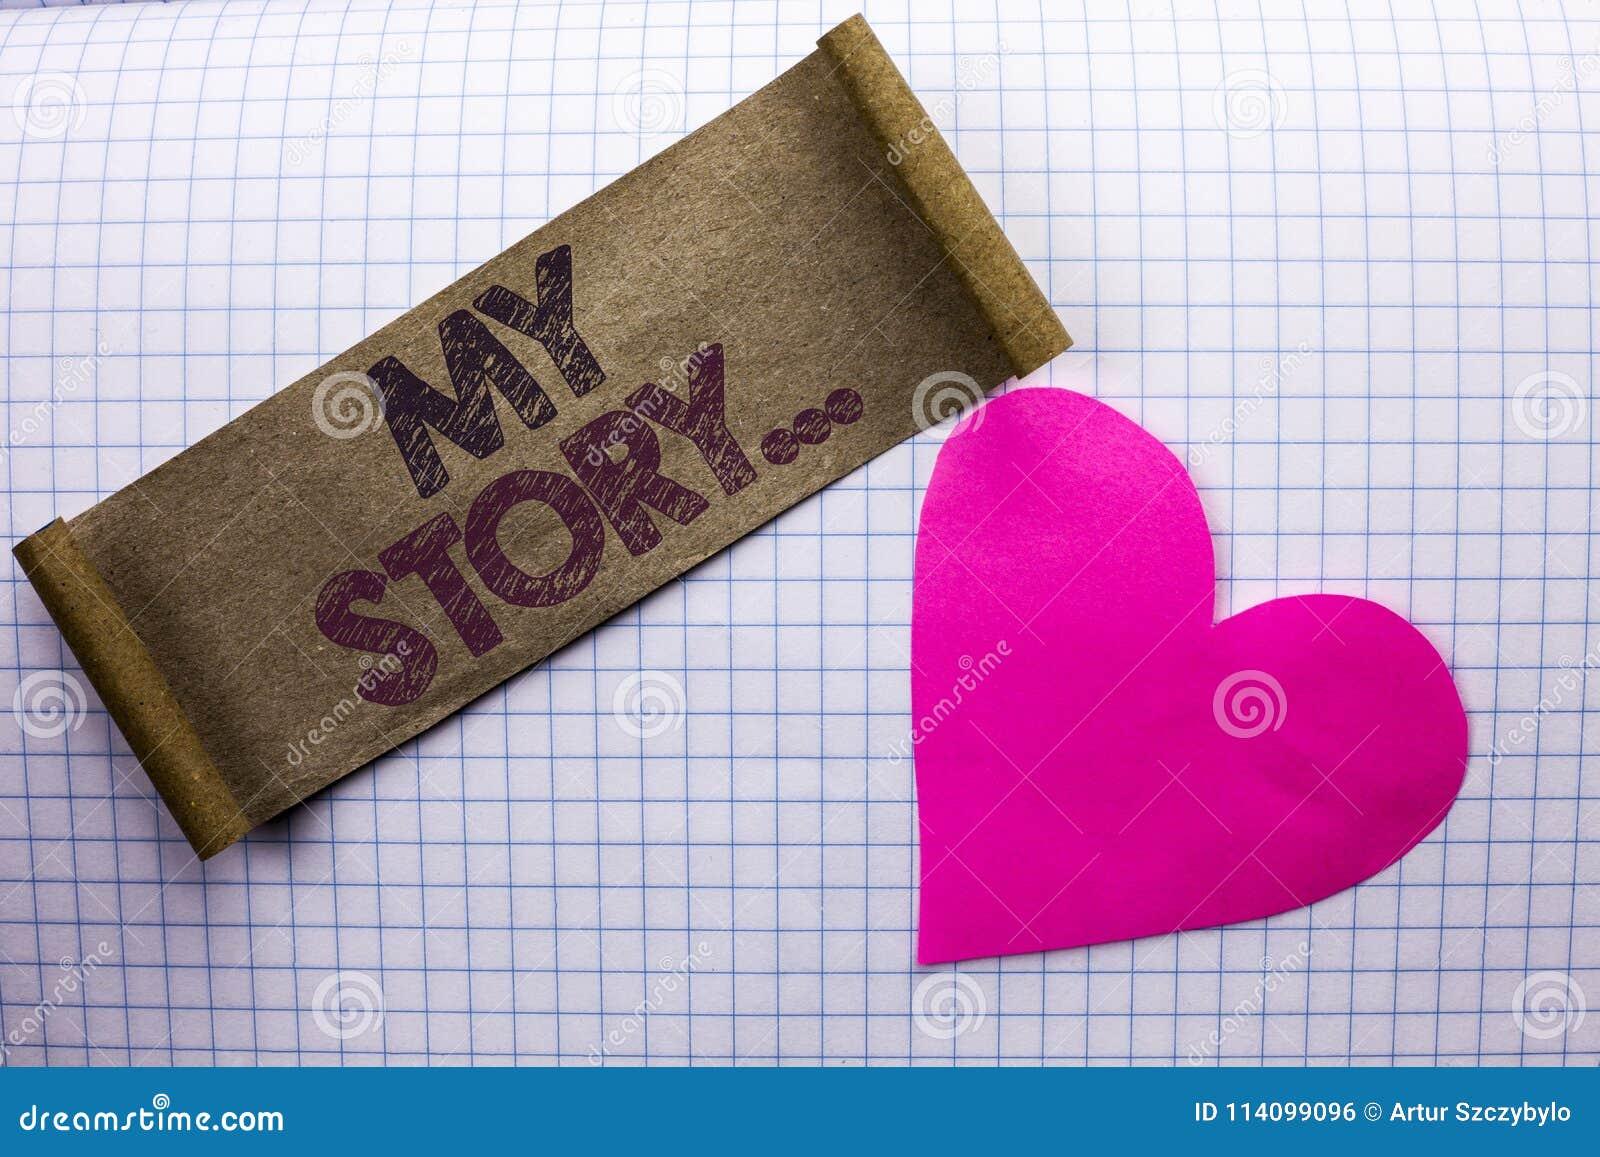 Текст почерка мой рассказ Портфолио профиля личной истории достижения жизнеописания смысла концепции написанное на части картона